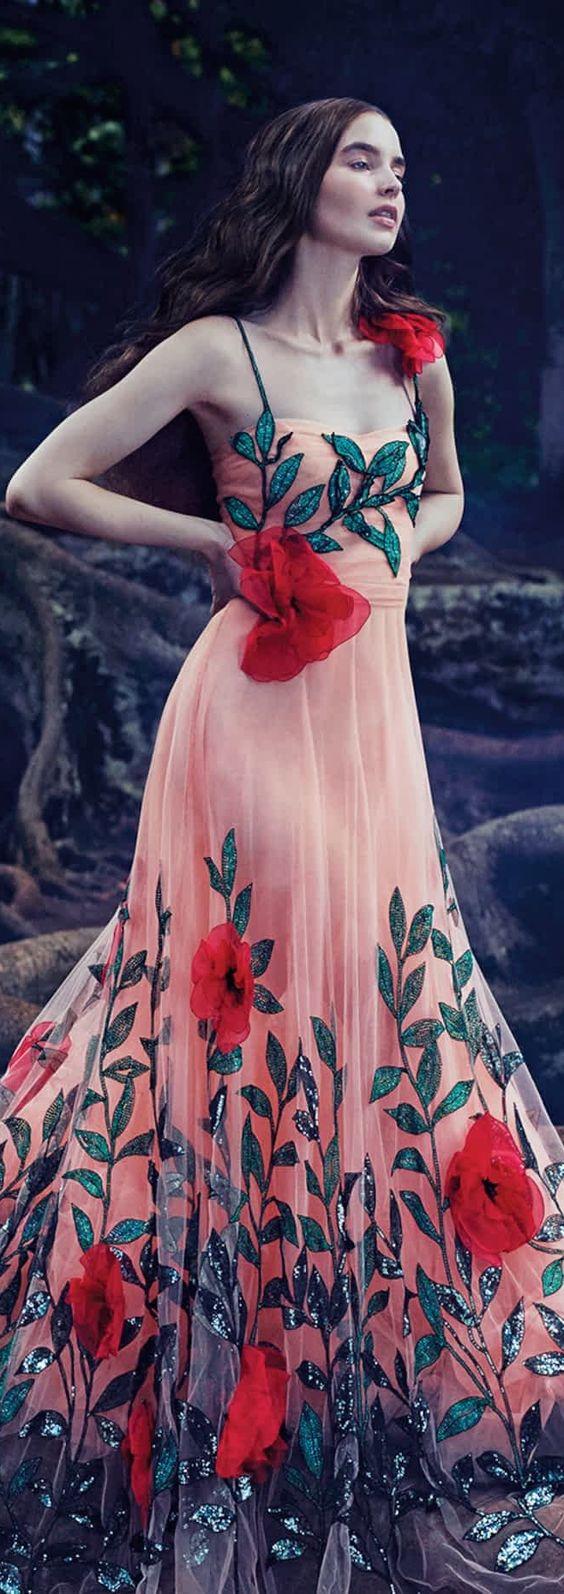 La última tendencia en vestidos bordados de flores - Vestidos Glam